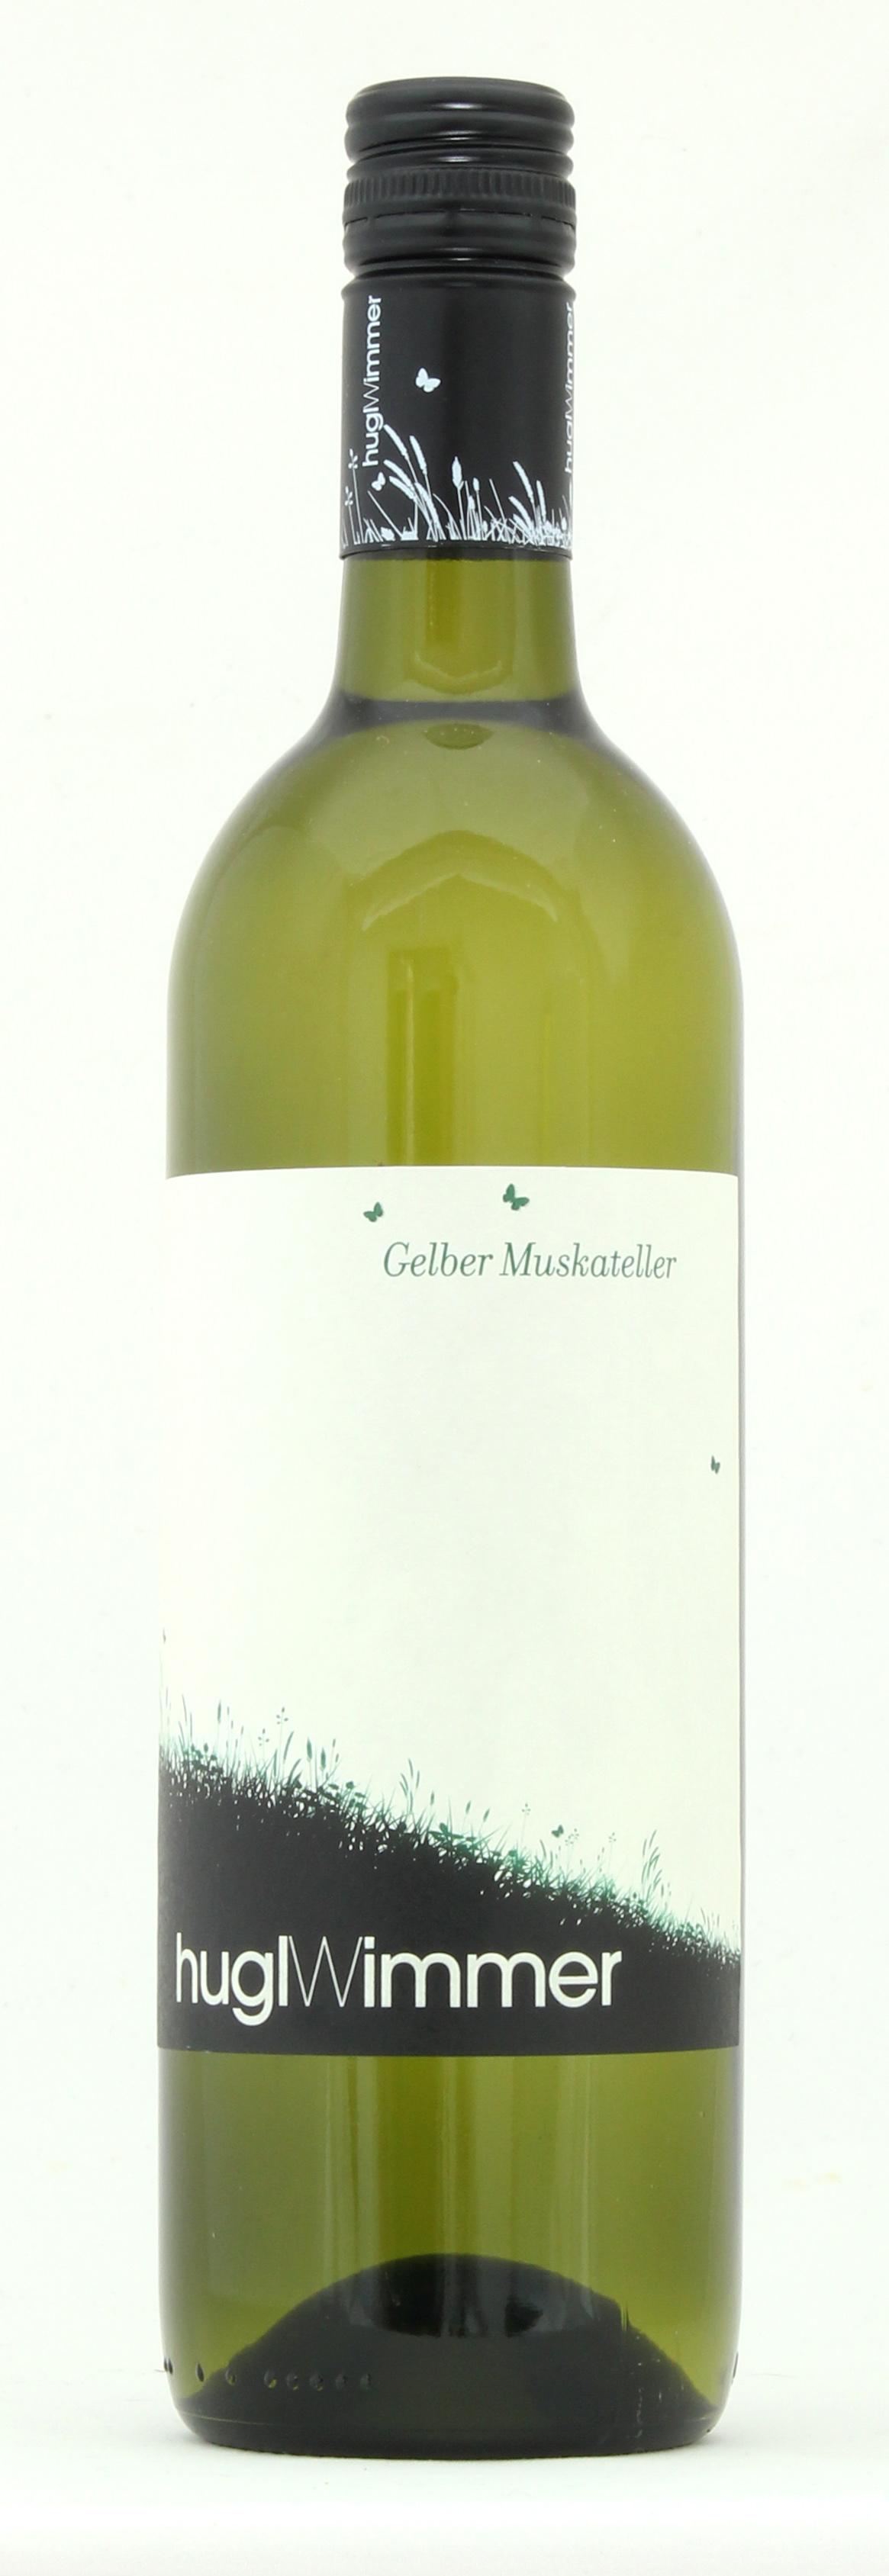 Hugl Wimmer Gelber Muskateller